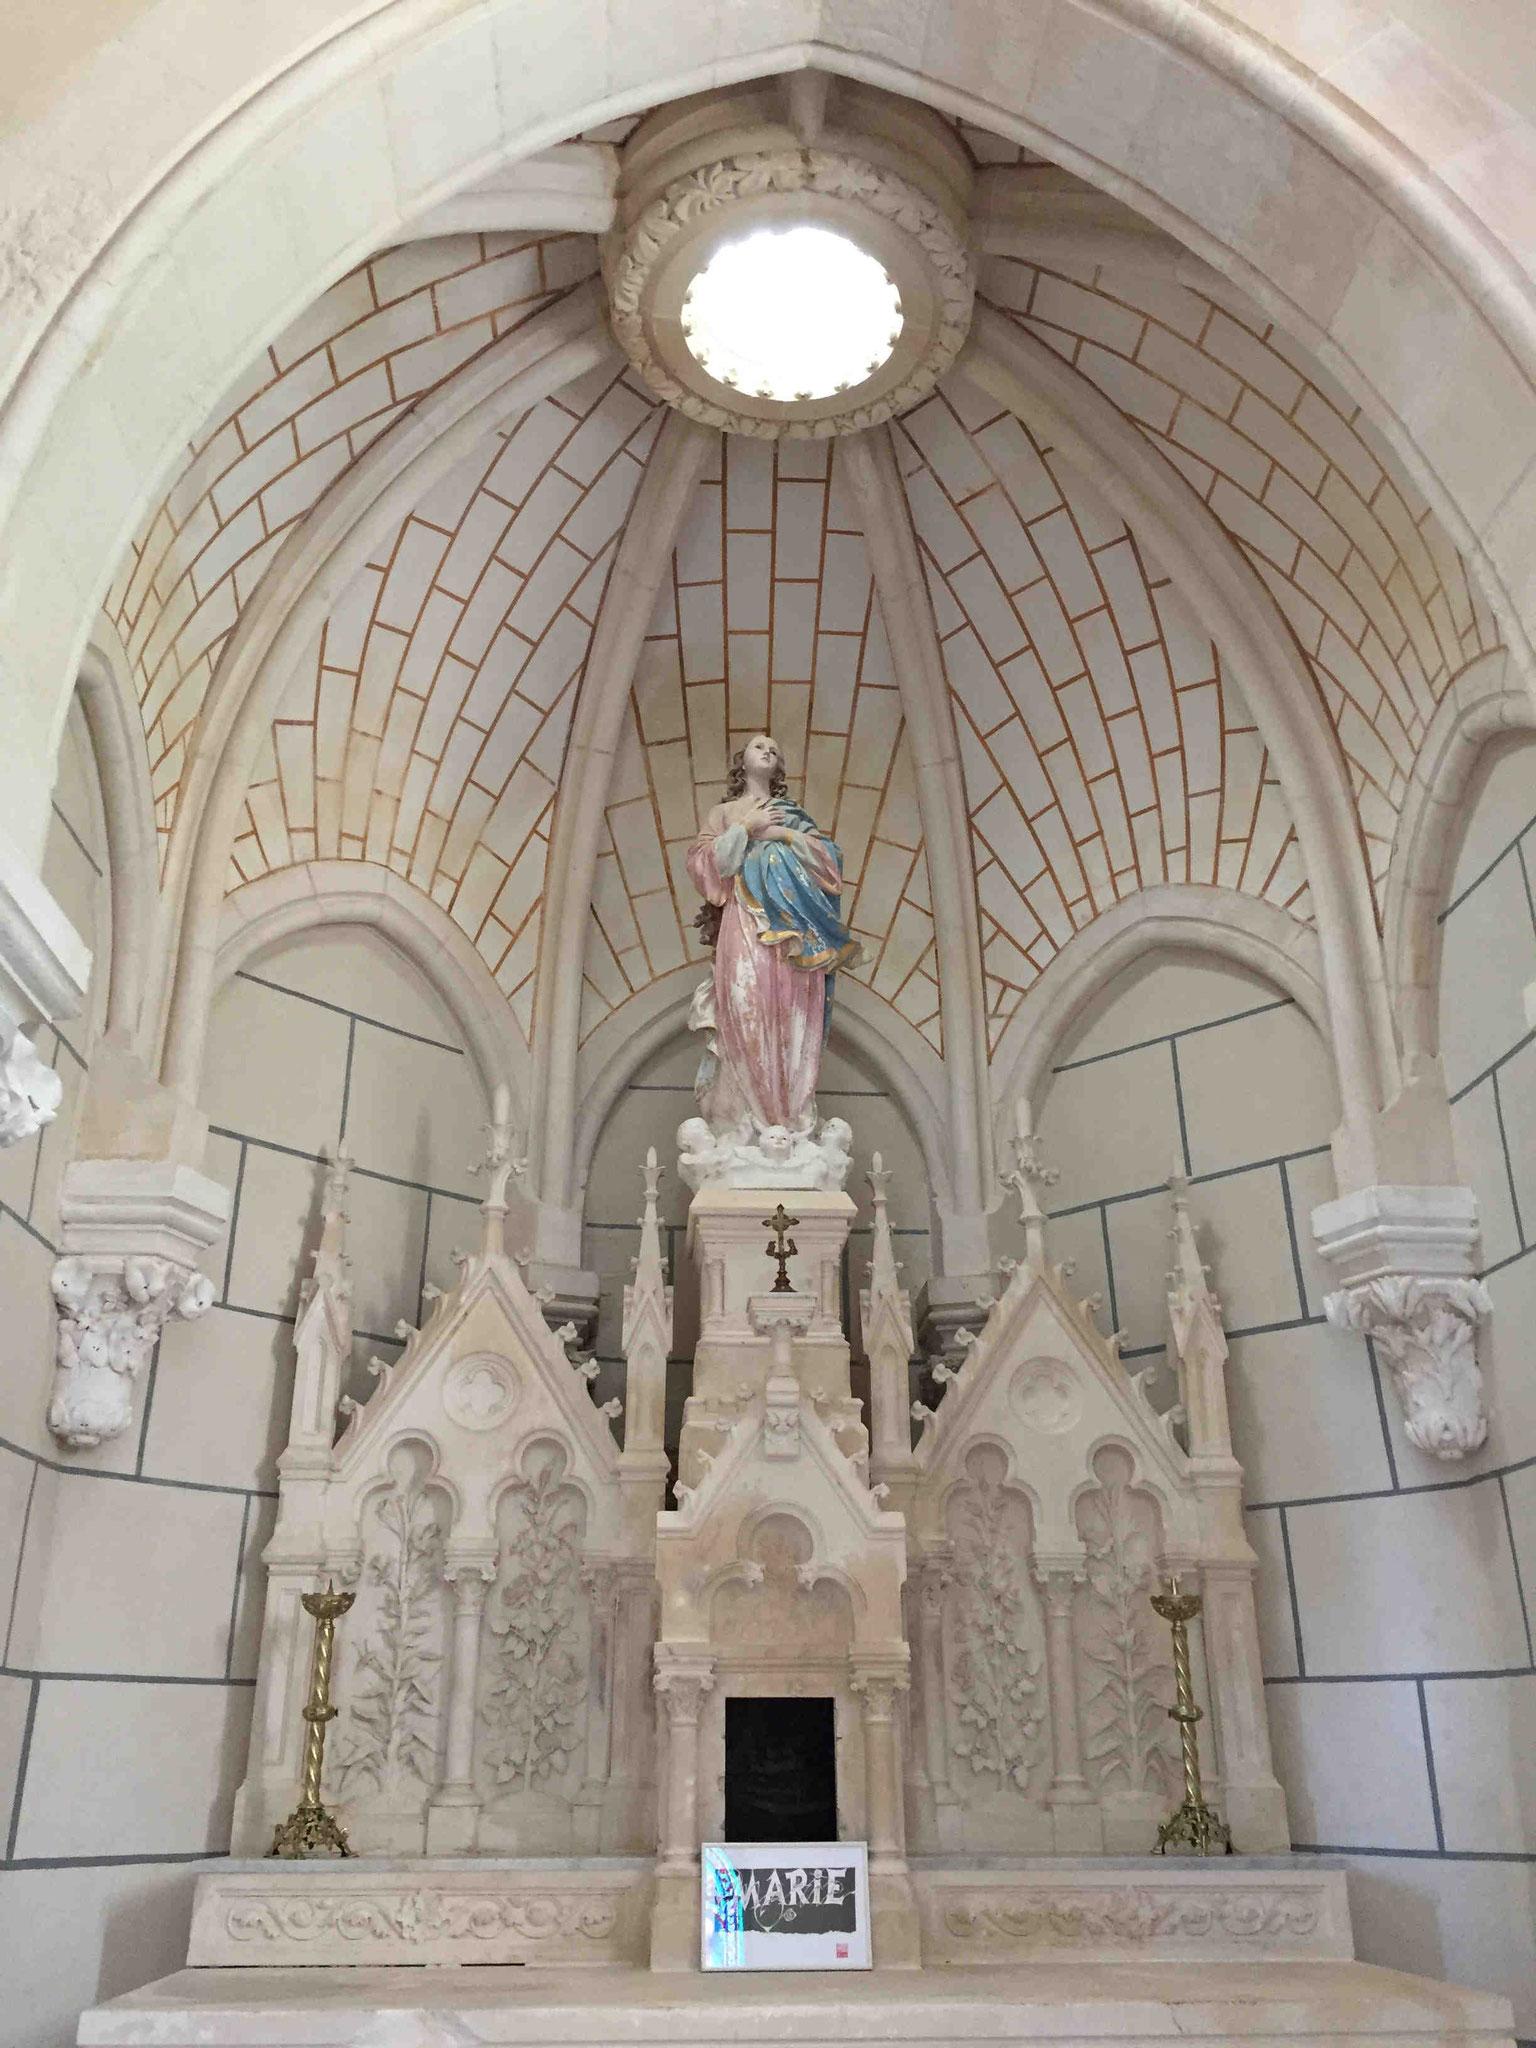 Basilique Saint Benoit Joseph Labre, Chapelle de la Vierge, Marçay.